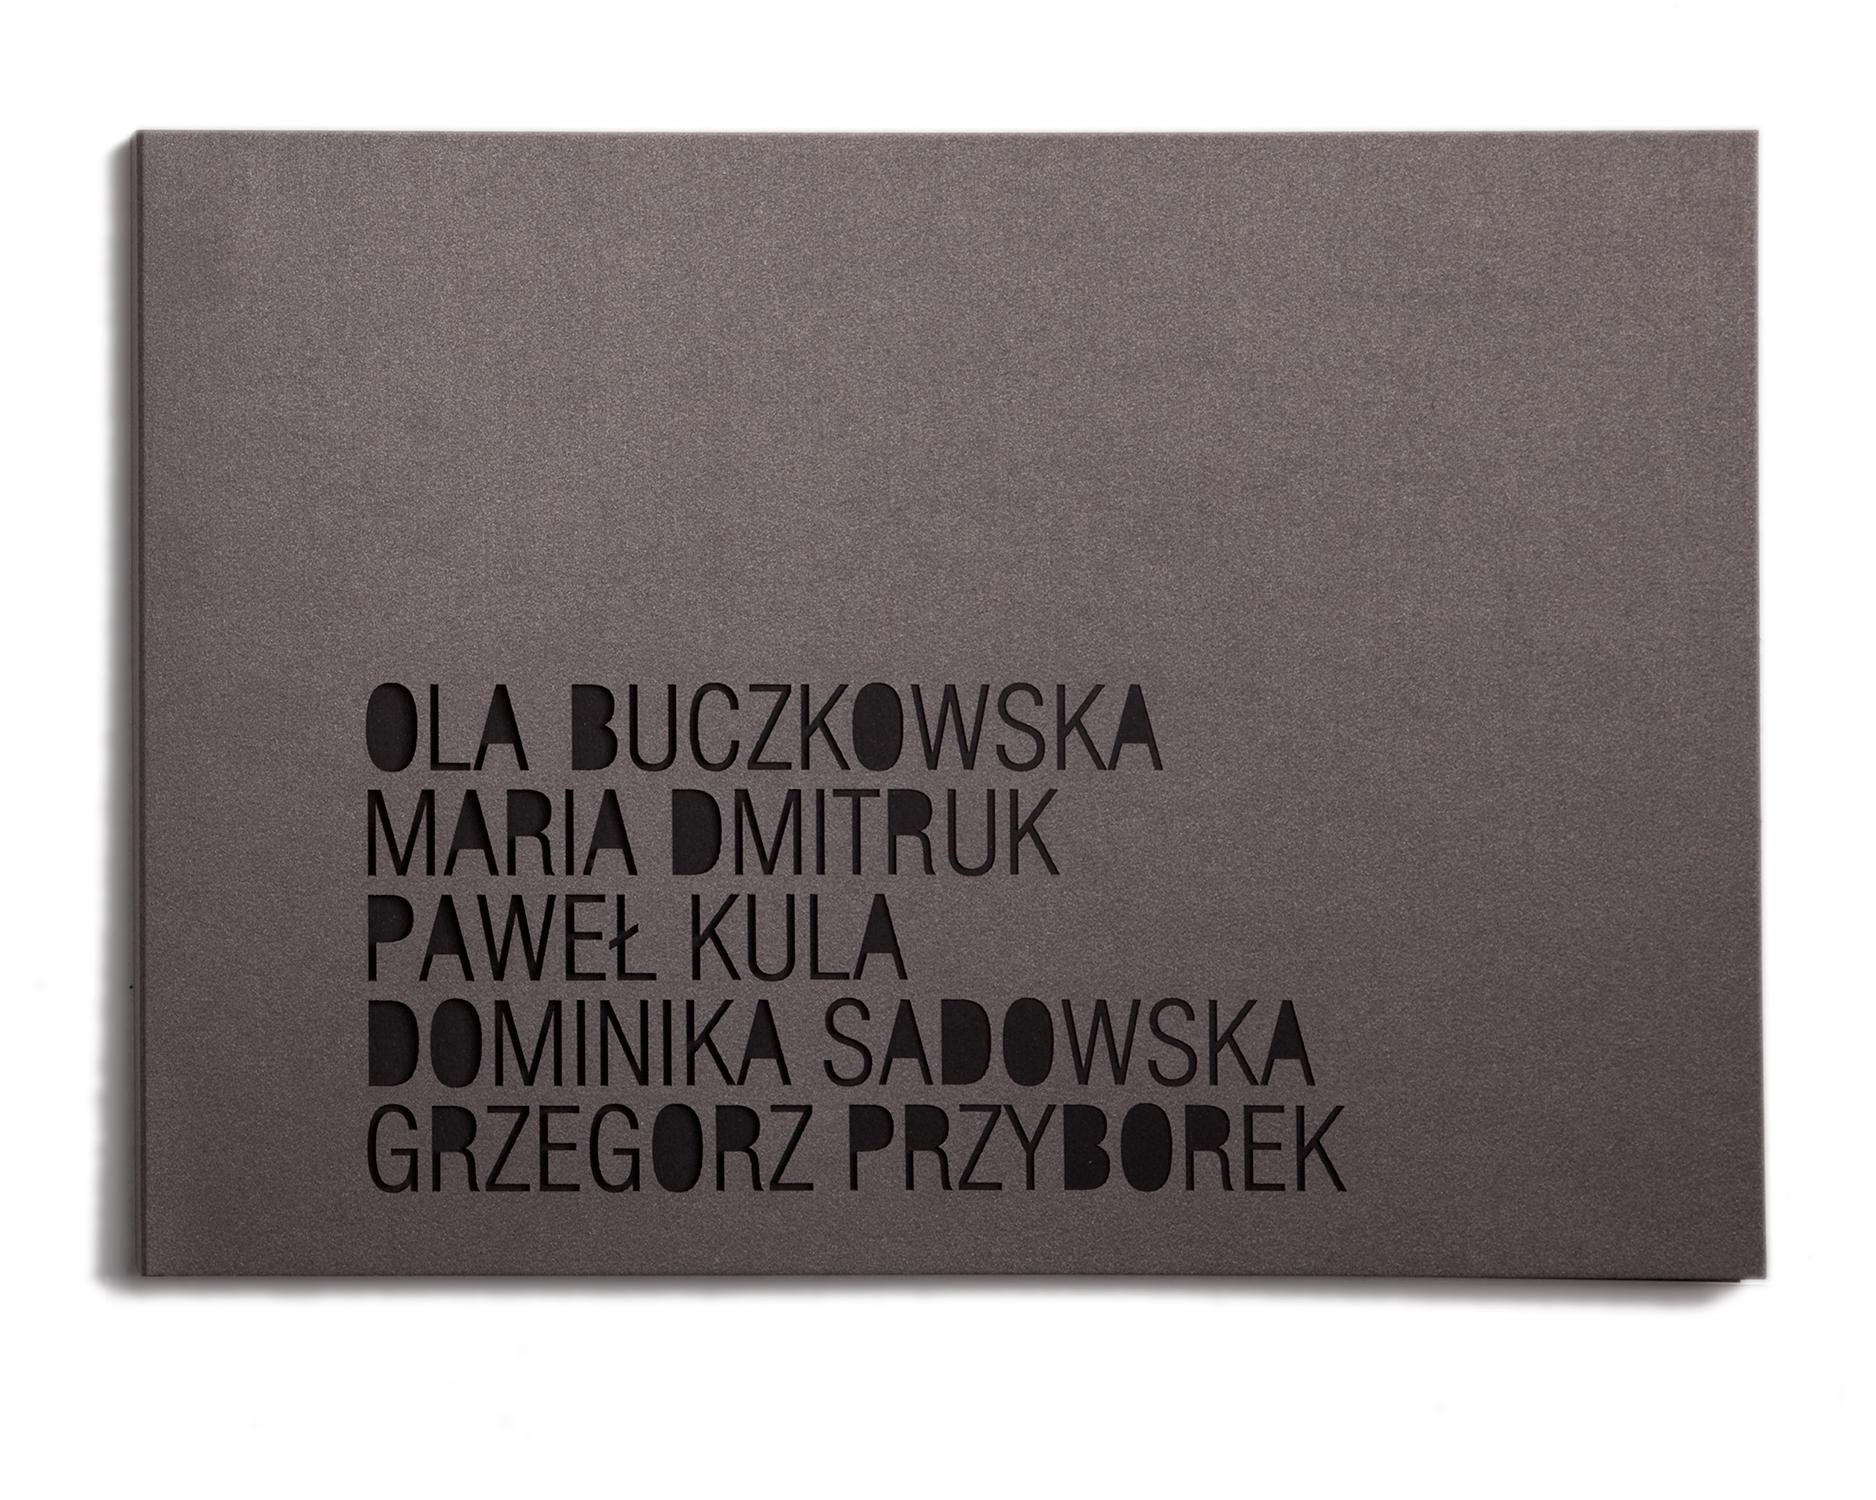 project by Izabela Jurczyk